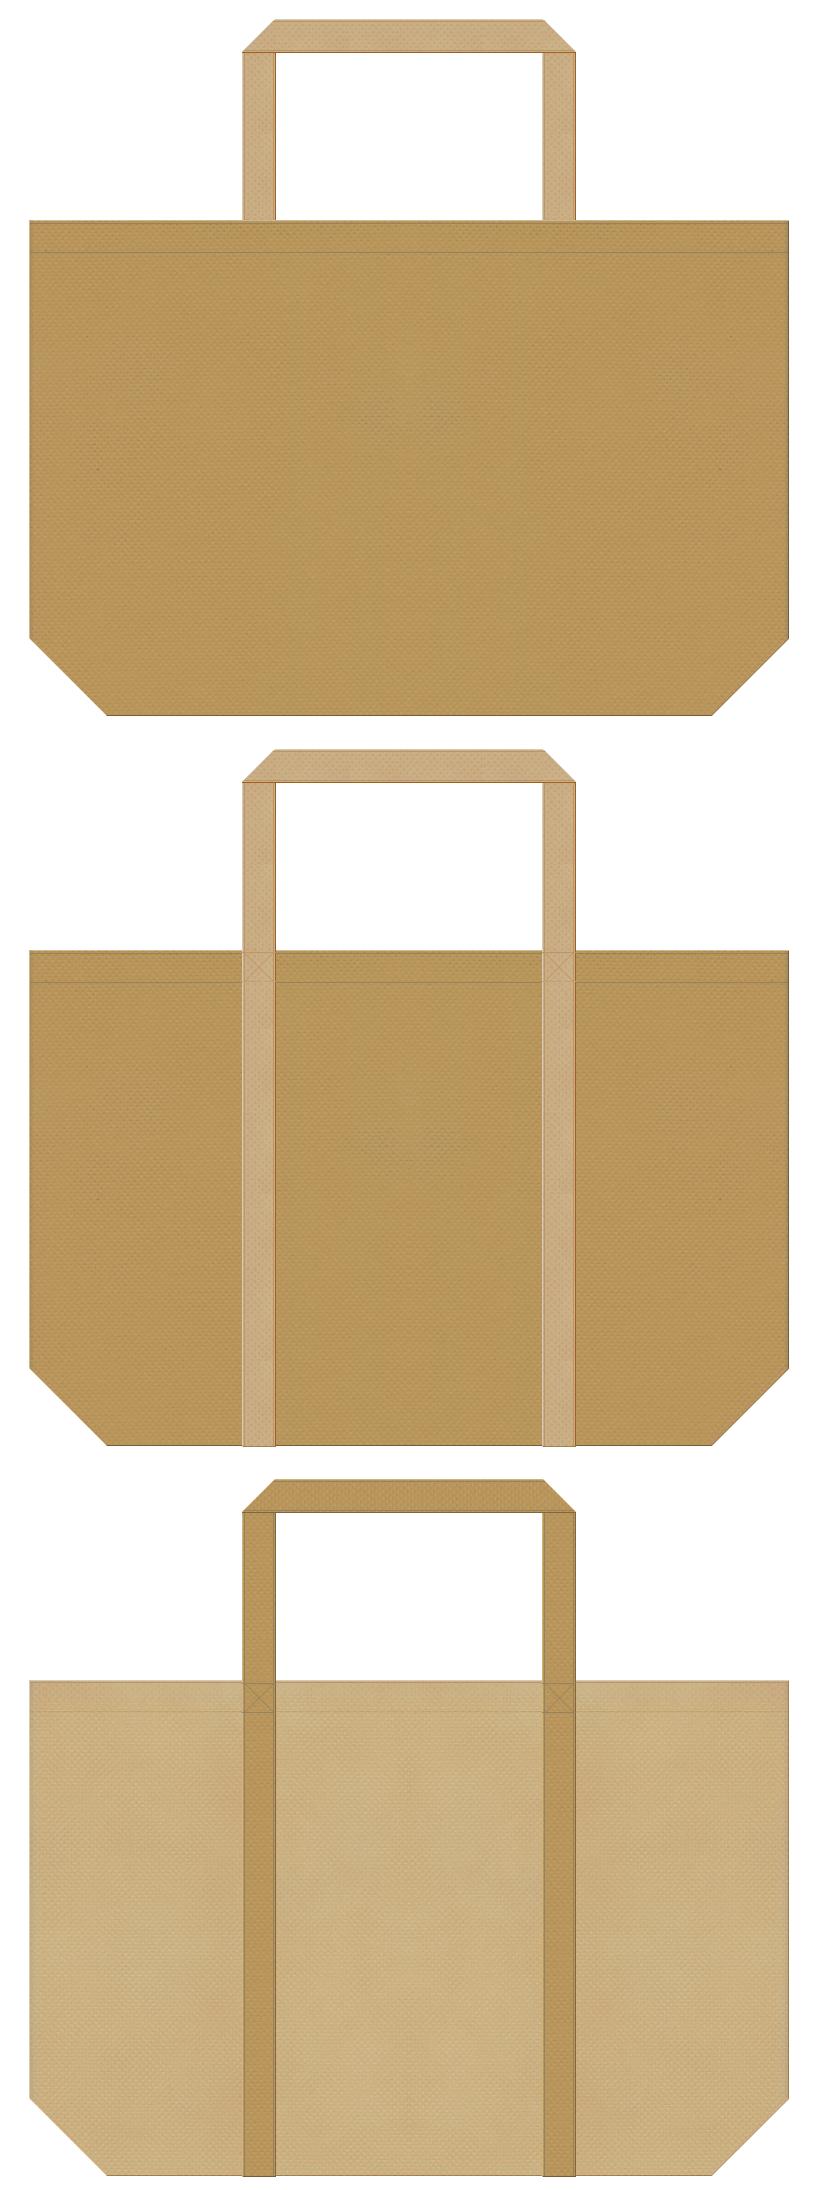 金色系黄土色とカーキ色の不織布ショッピングバッグデザイン。DIYのショッピングバッグにお奨めです。